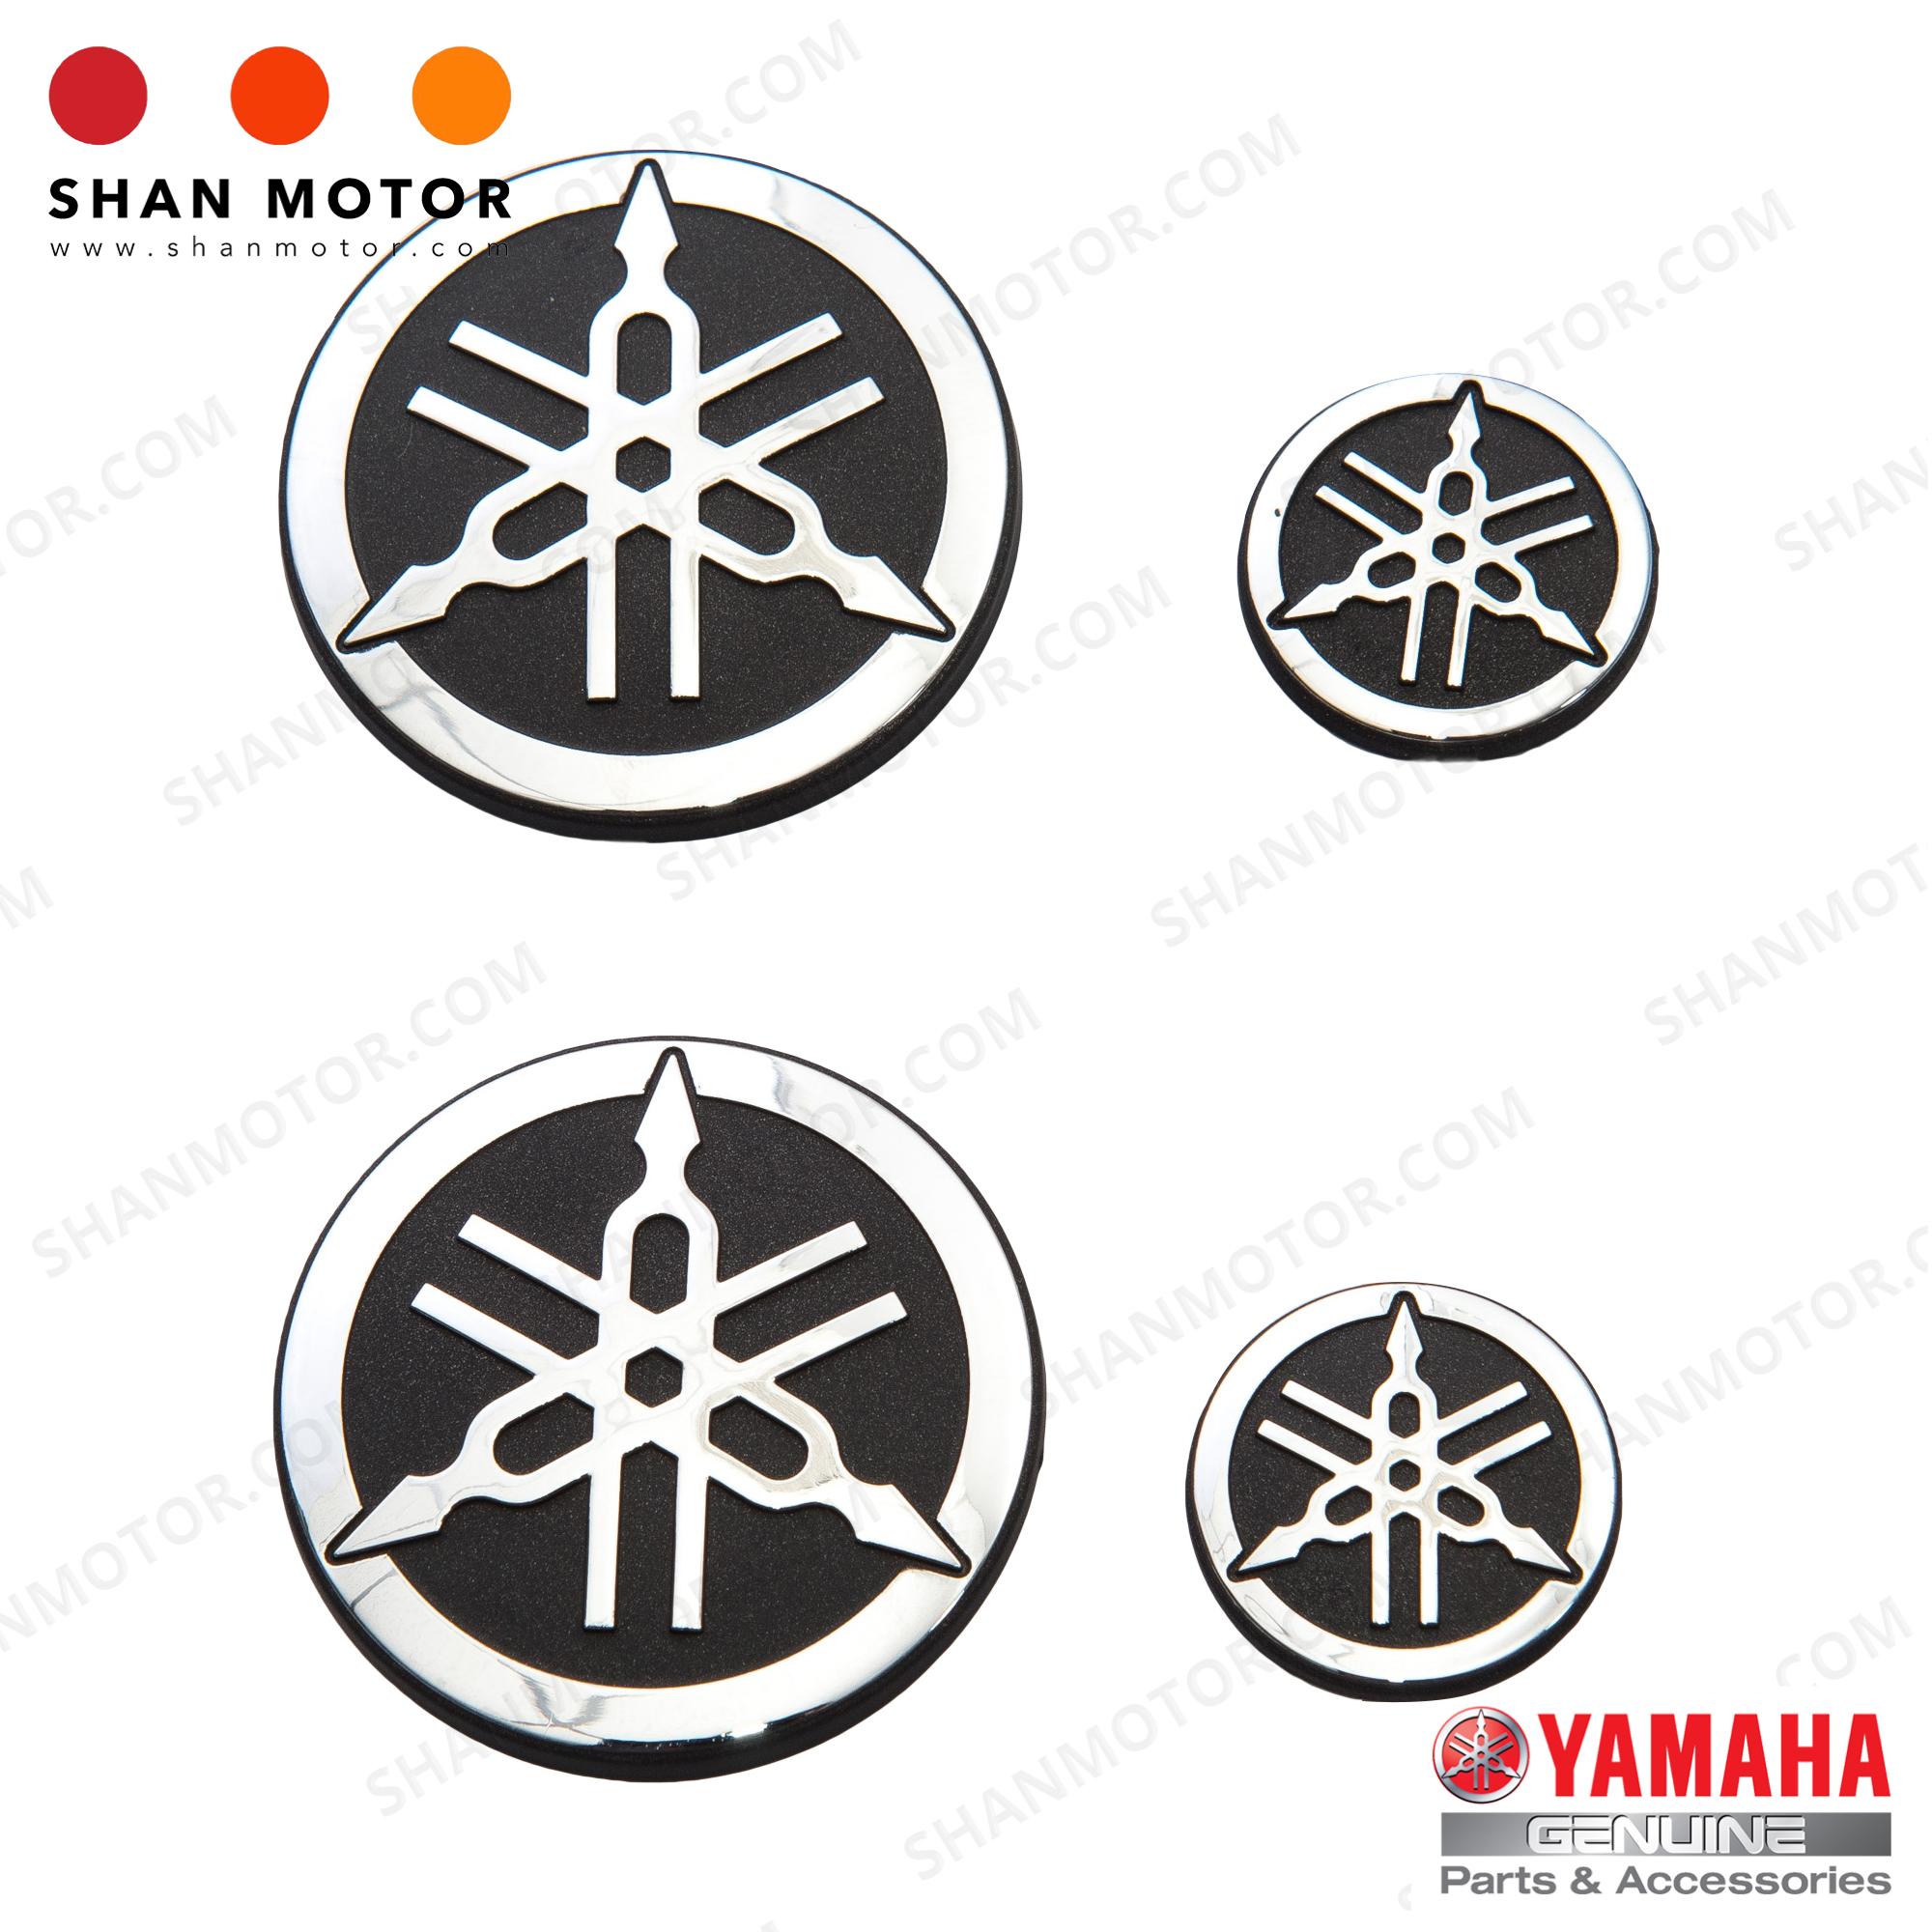 hight resolution of yamaha y15zr emblem silver yamaha hly yamaha genuine parts